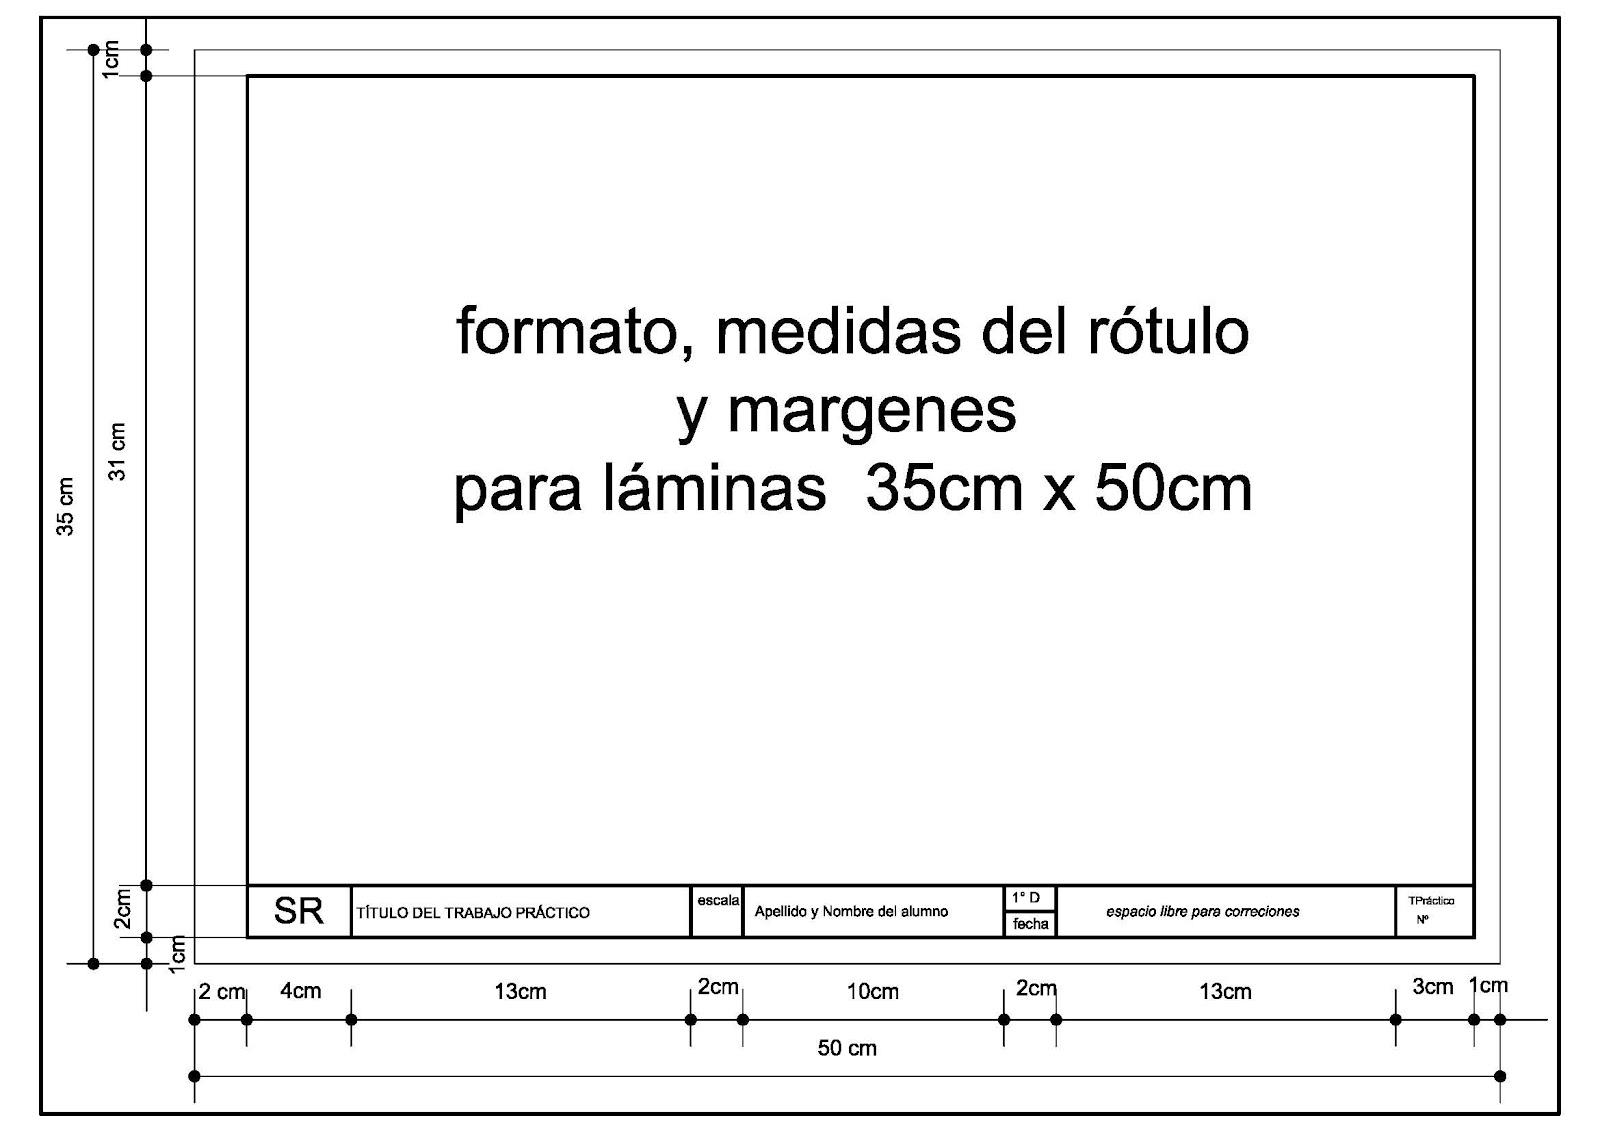 Sistemas de representaci n 1 d medidas del r tulo de 1d for Medidas en arquitectura pdf